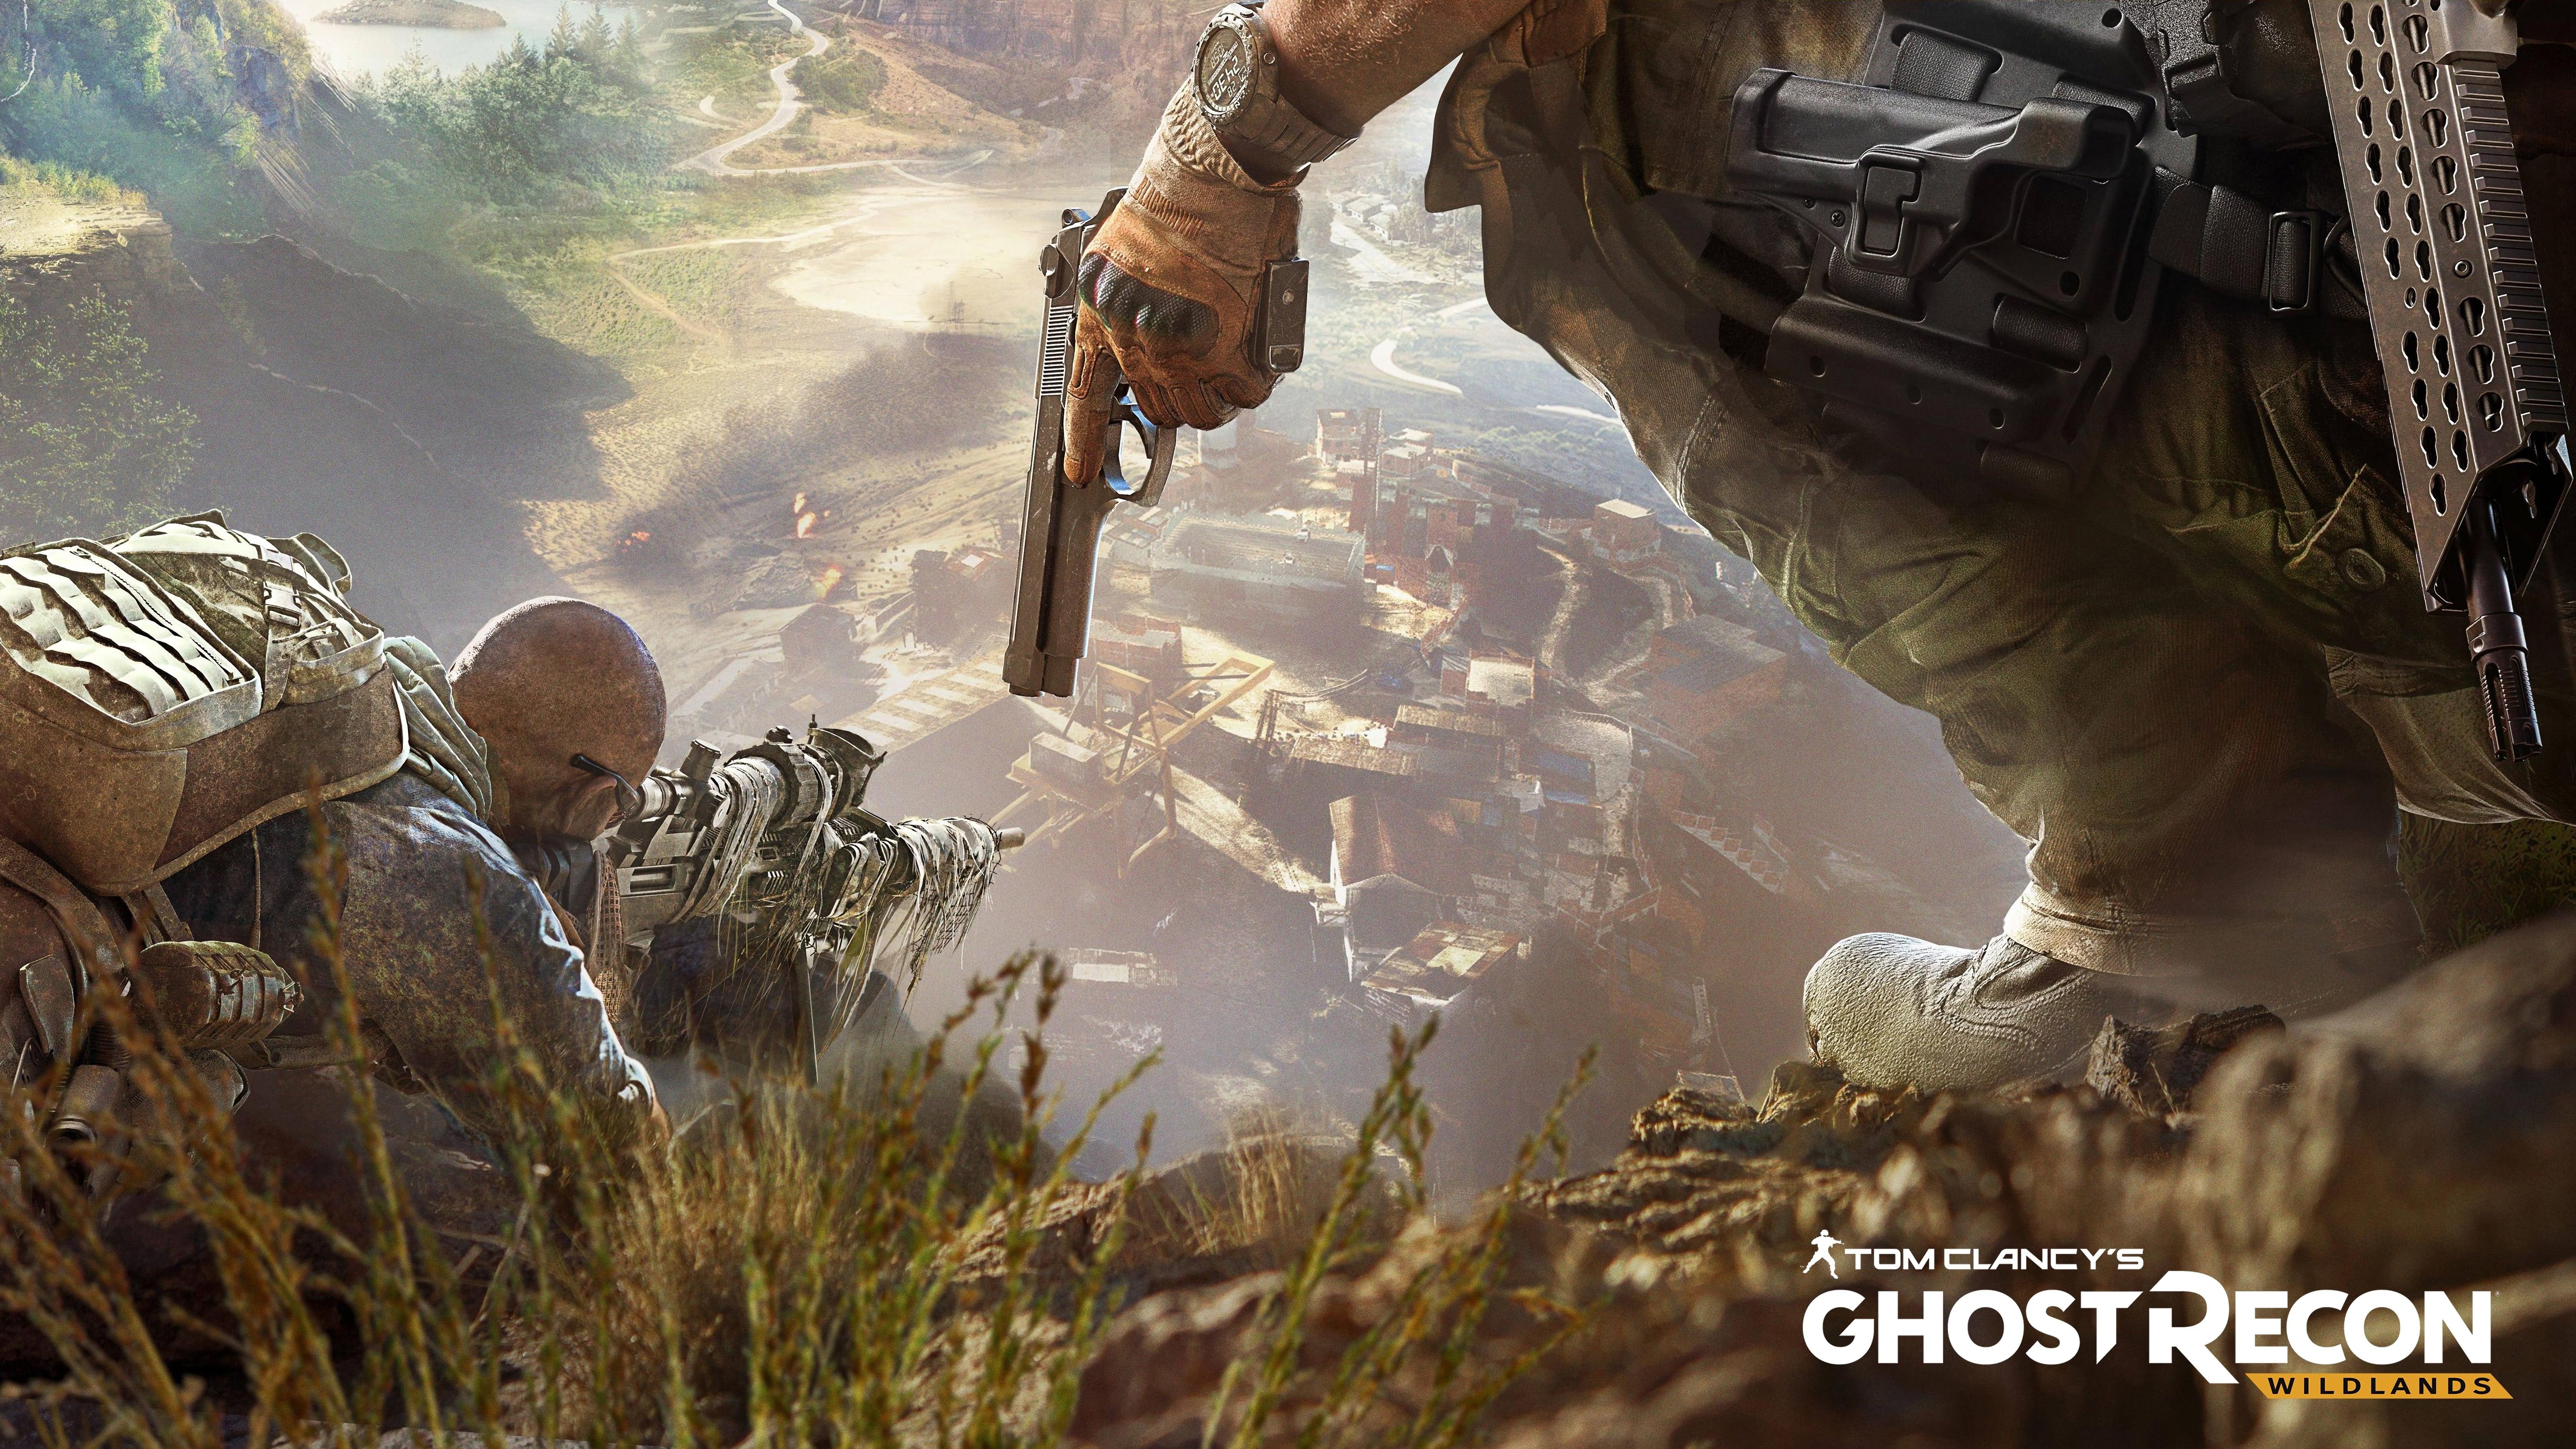 Tom Clancys Ghost Recon Wildlands Uhd 8k Wallpaper Pixelz